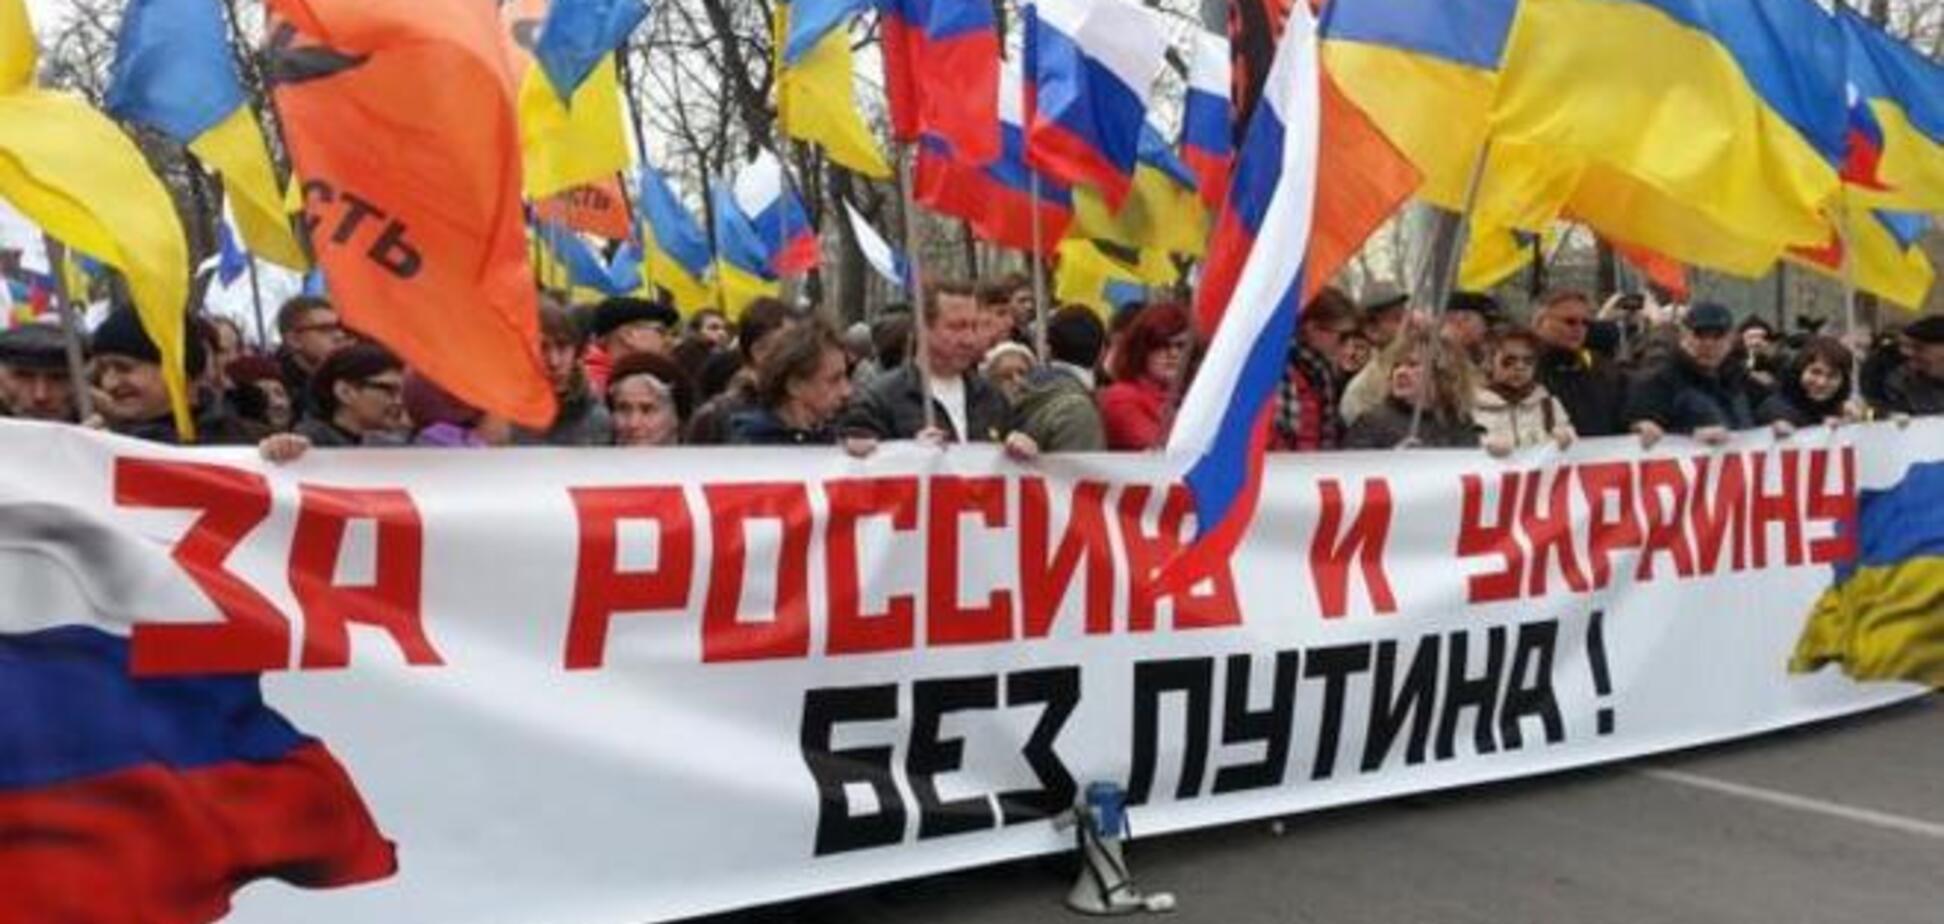 В Москве 5 августа пройдет марш солидарности с Украиной